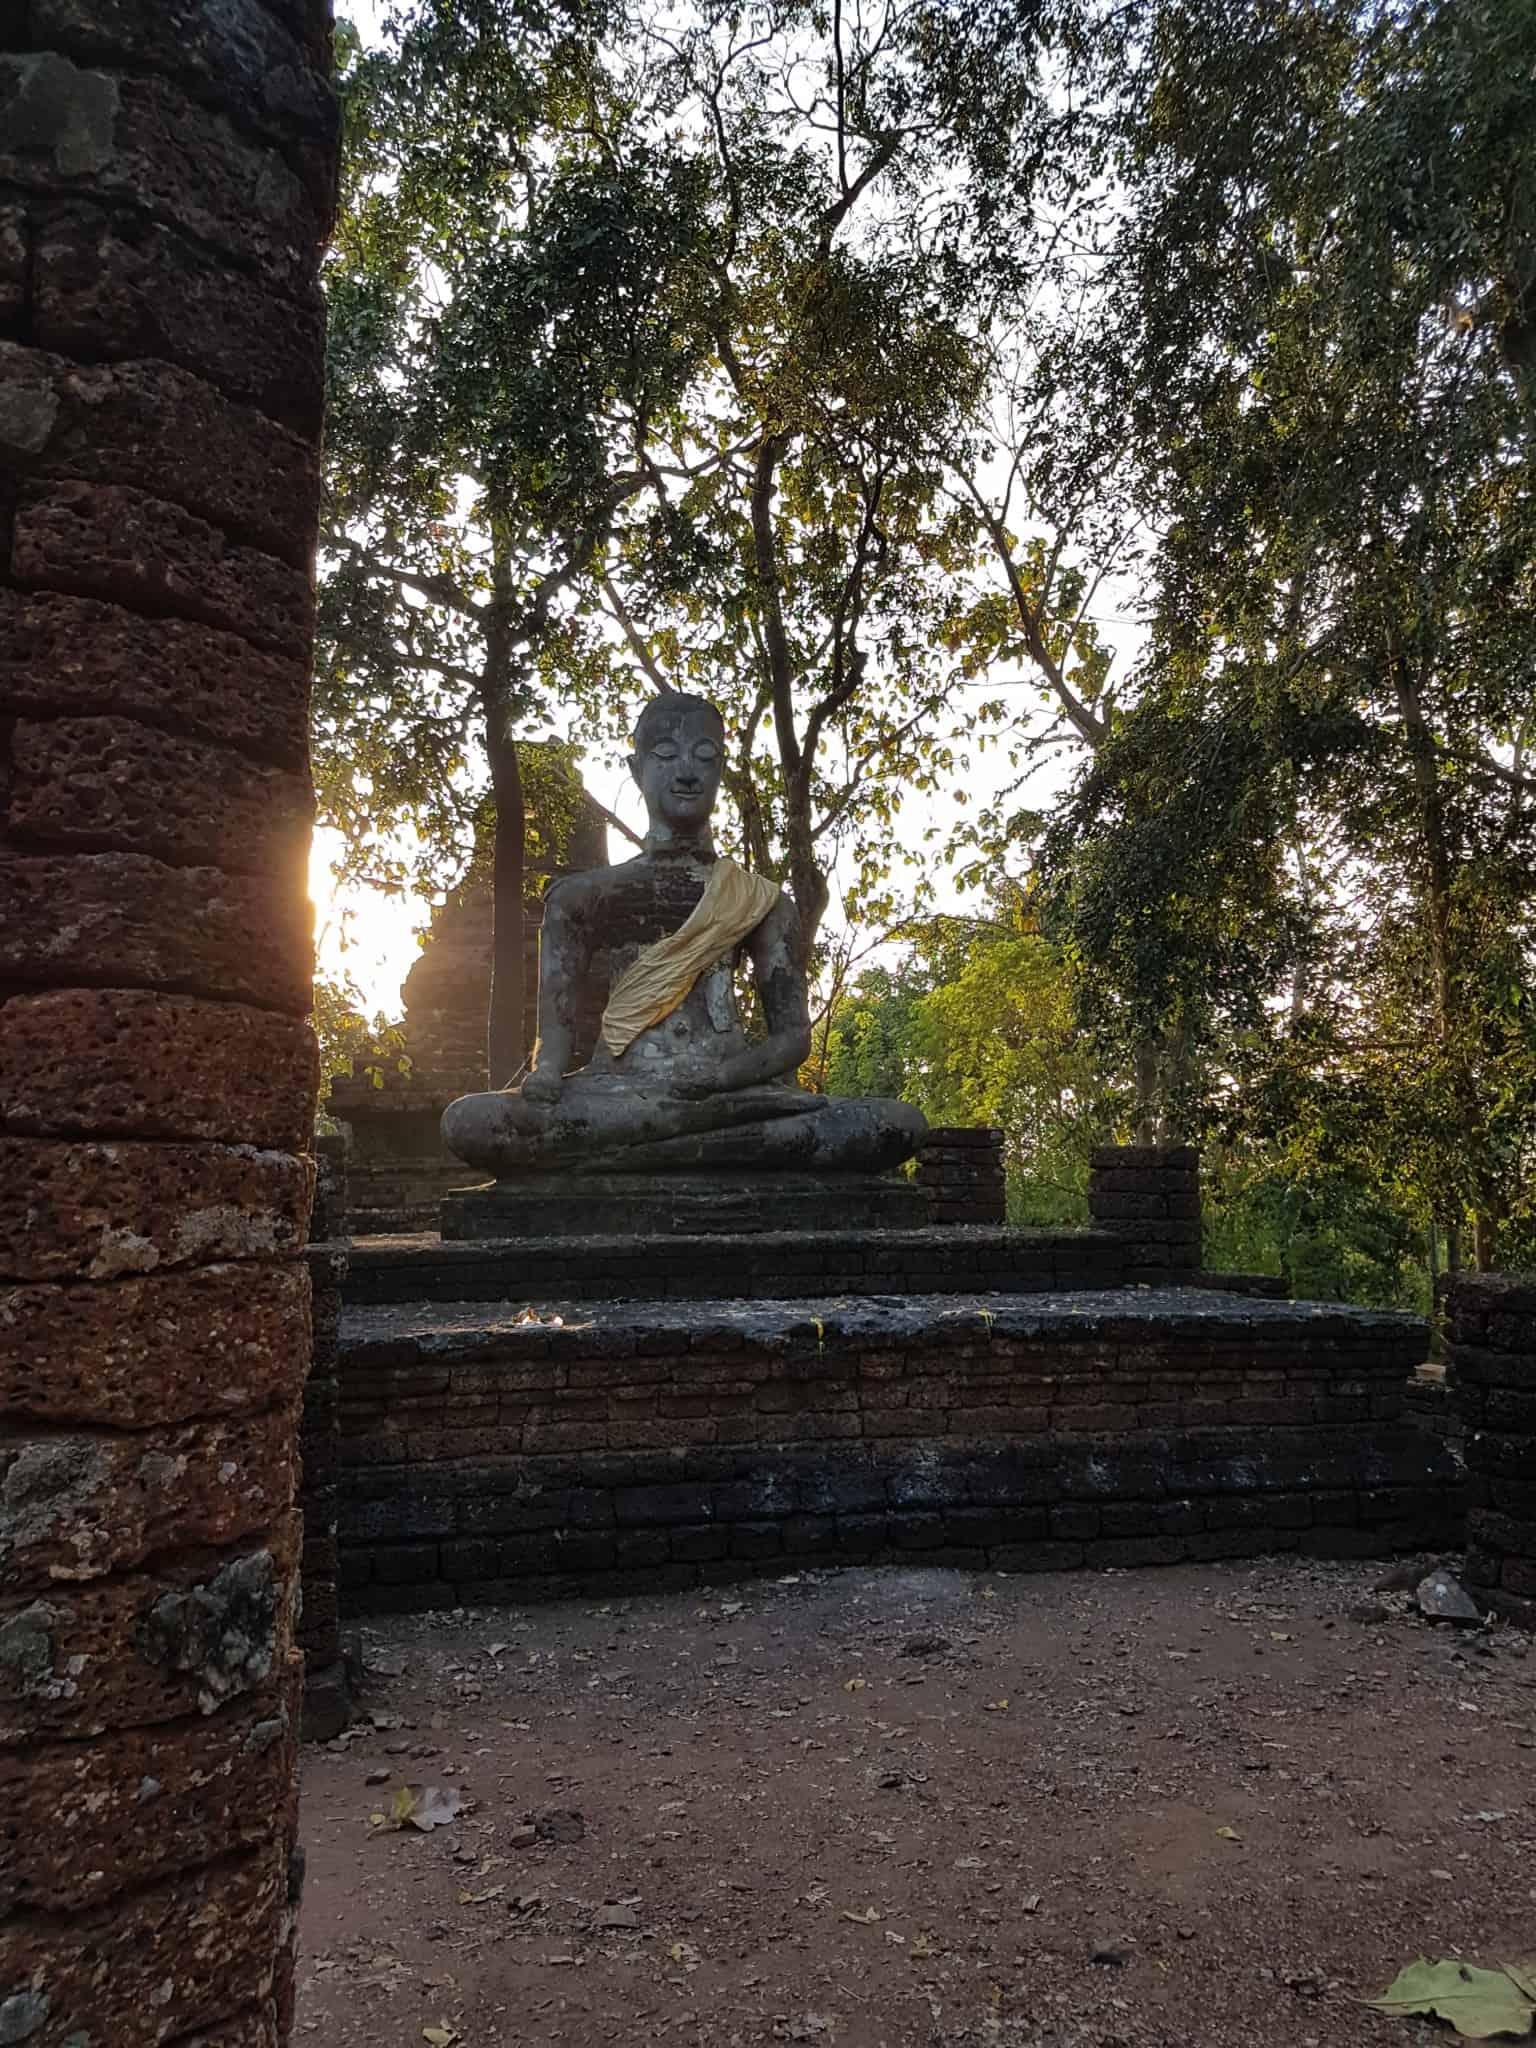 Thaïlande, retrouvailles avec Kate 😊 2